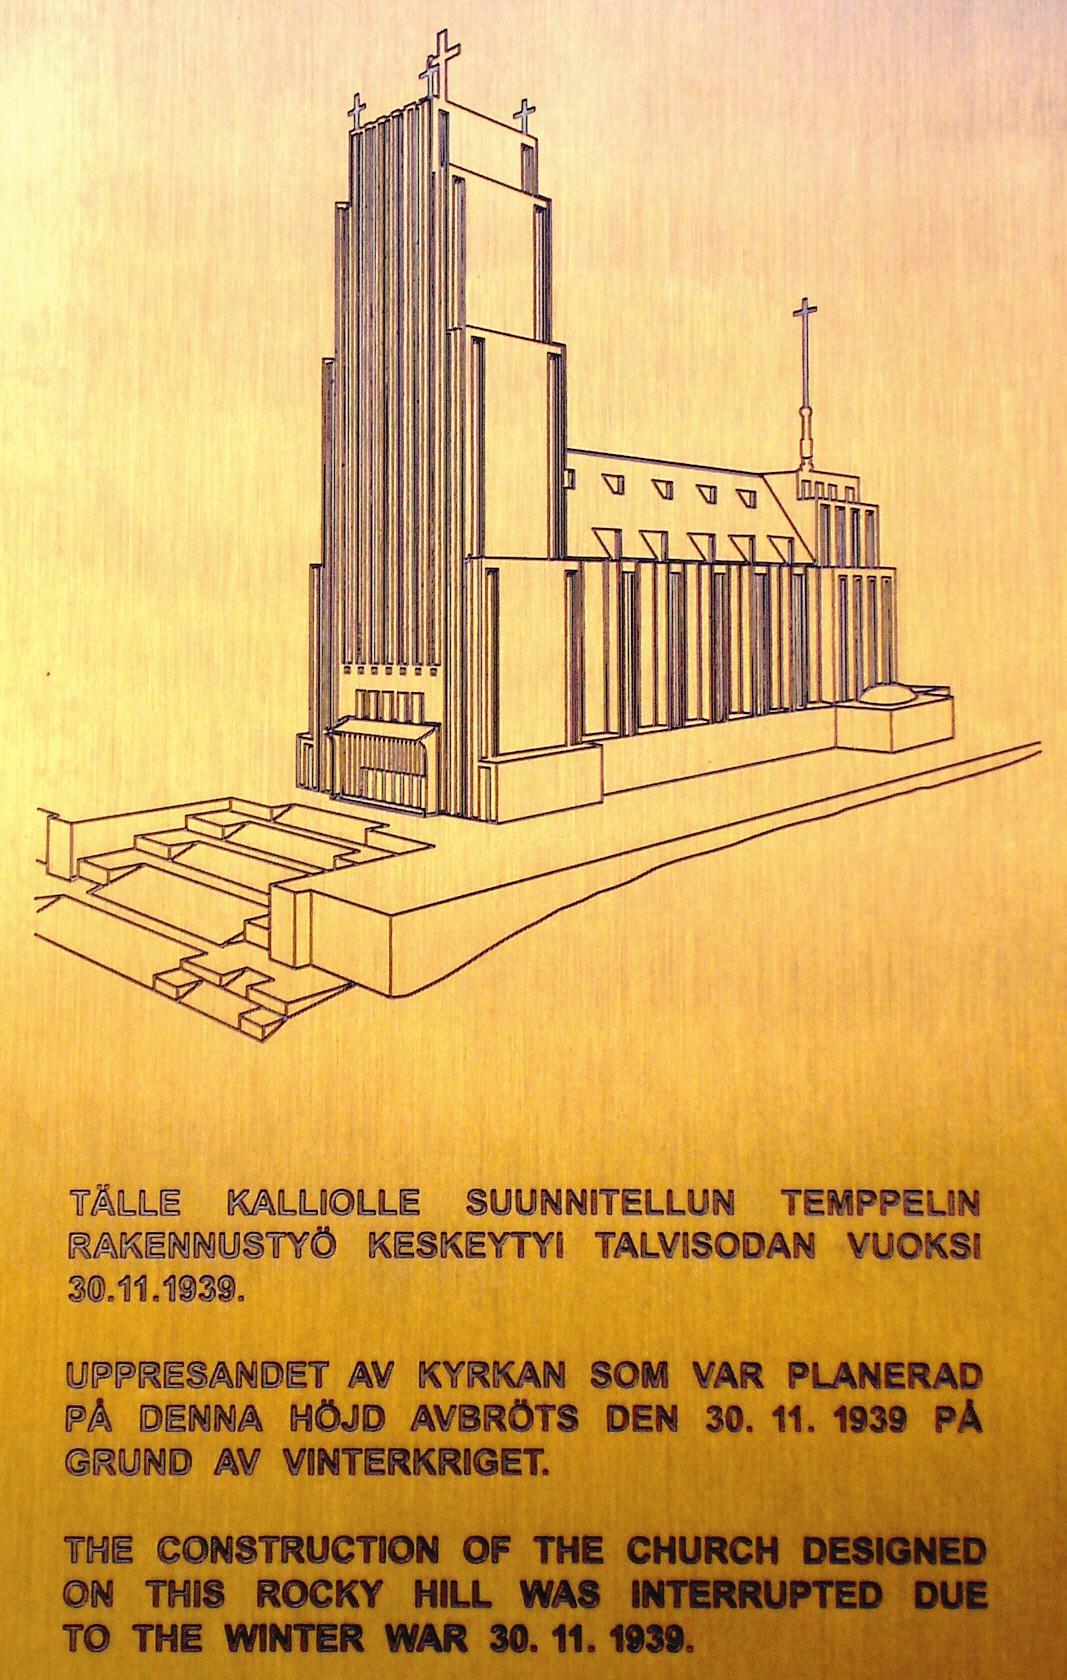 Helsinki chiesa nella roccia: progetto di Sirén